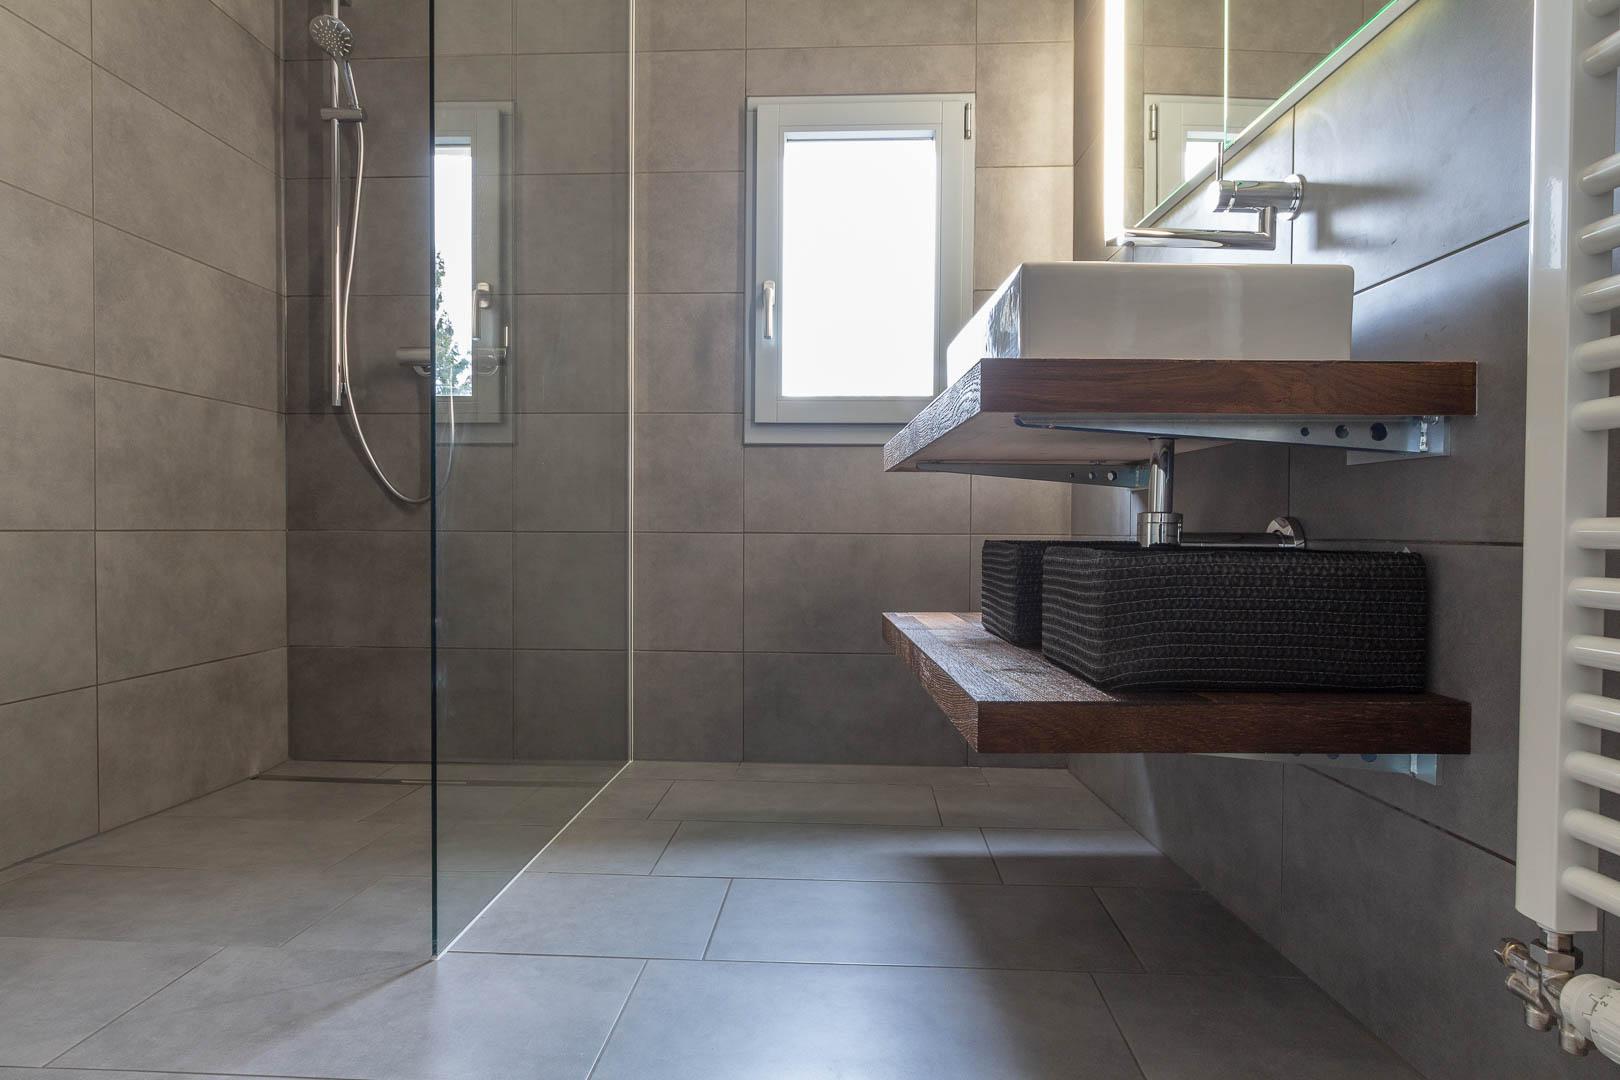 Cr ation d 39 une salle d 39 eau avec douche l 39 italienne - Realisation d une douche a l italienne ...